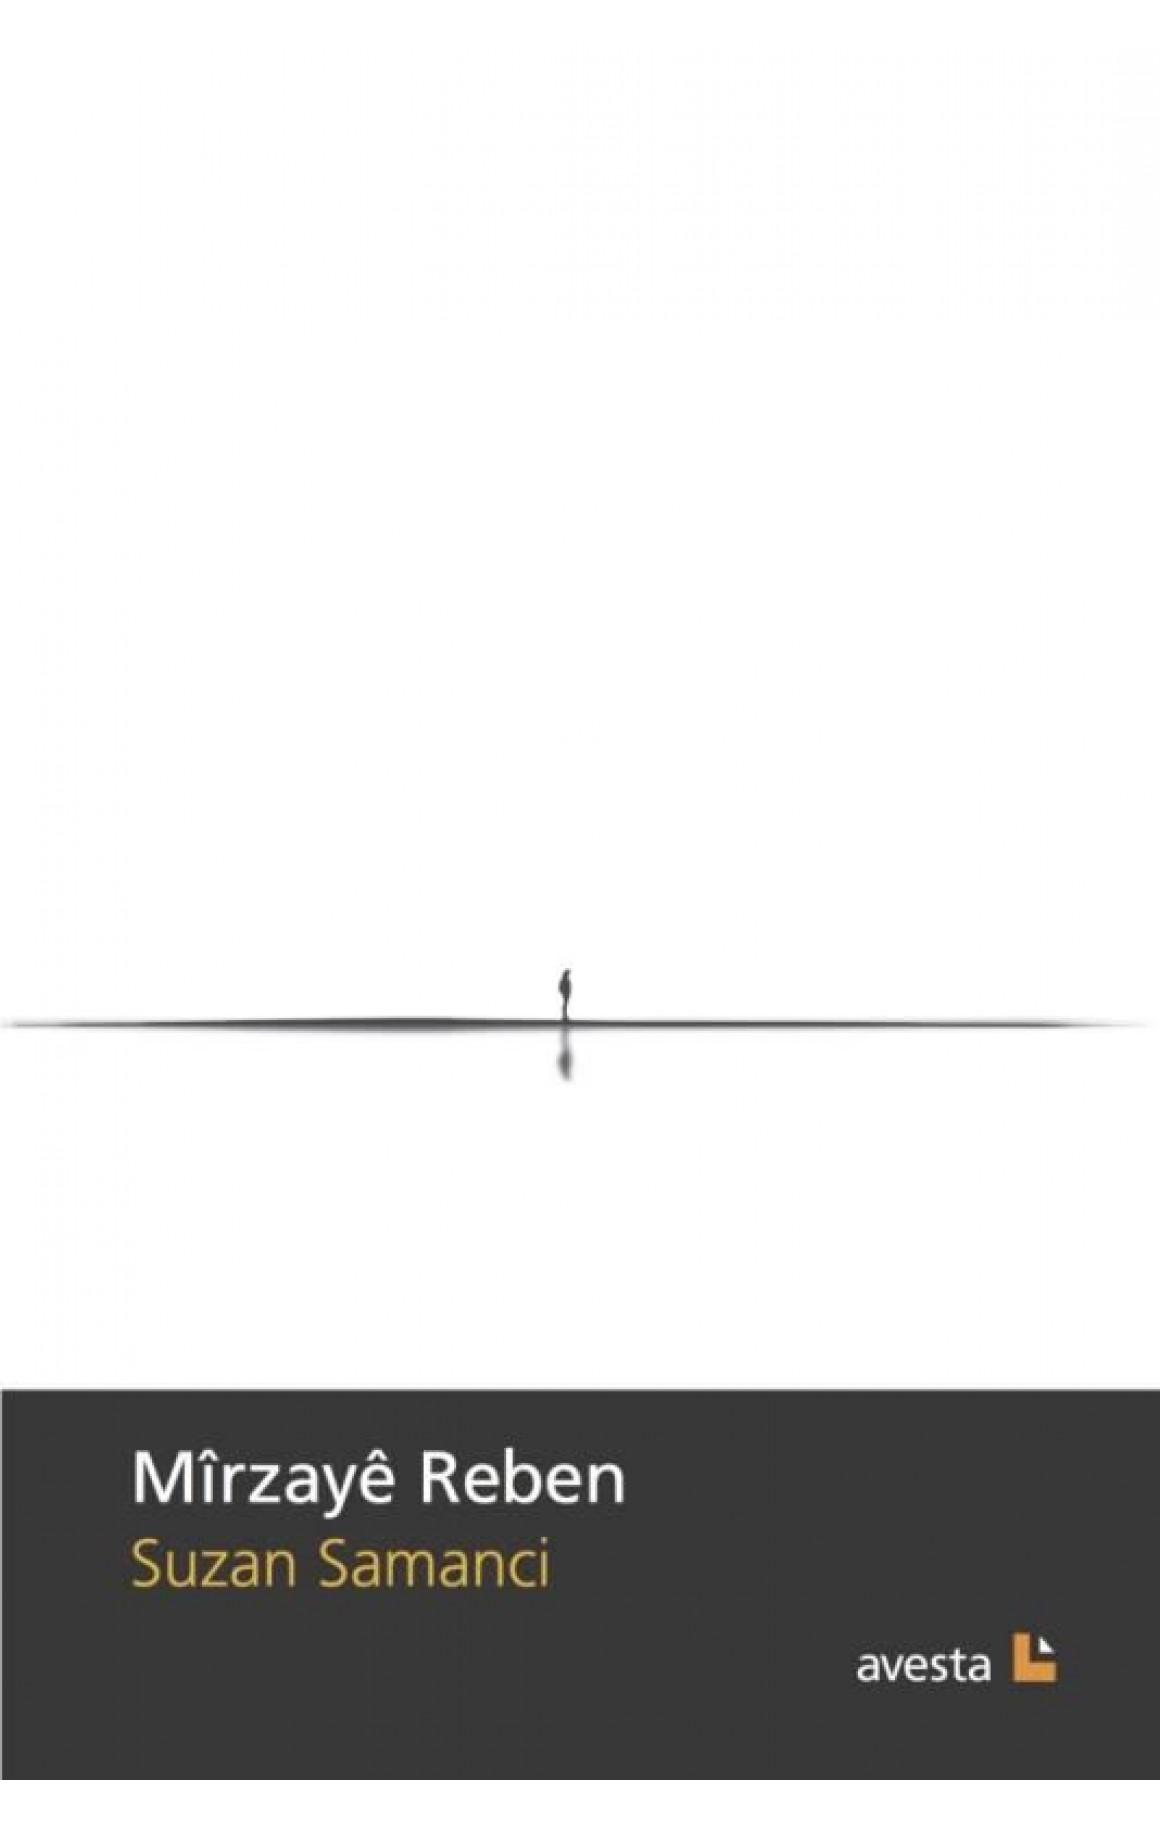 Mirzayê Reben